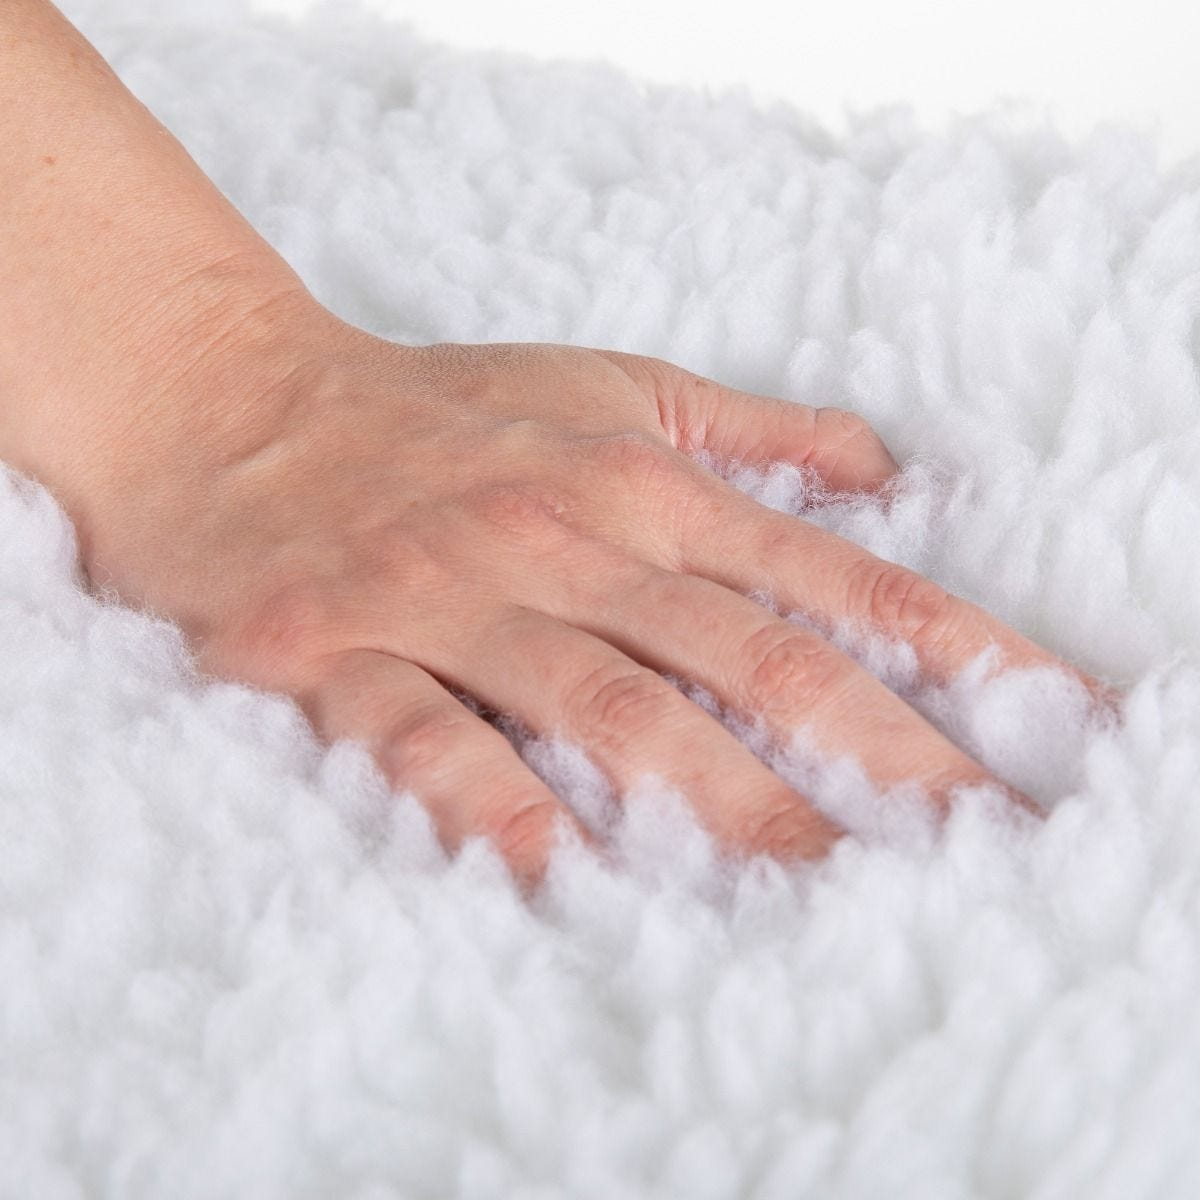 dlx_-_hand_in_fleece